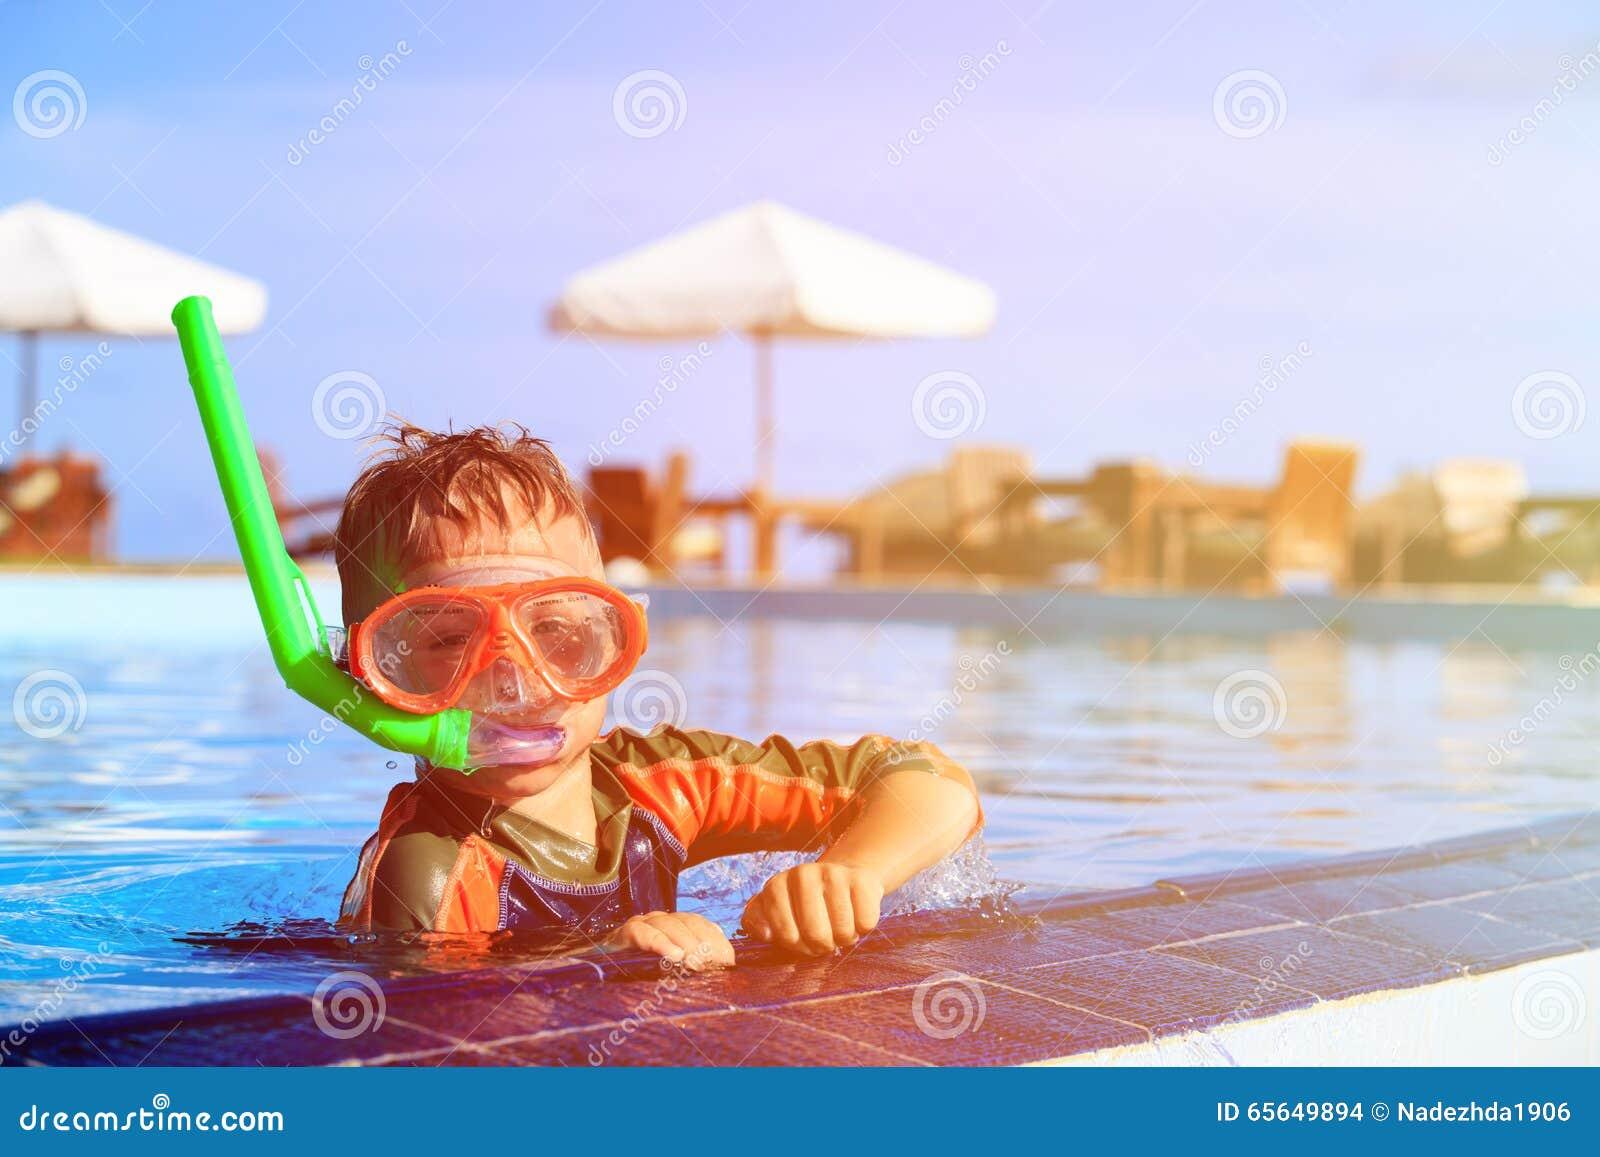 Natation de petit garçon avec le masque dans la piscine